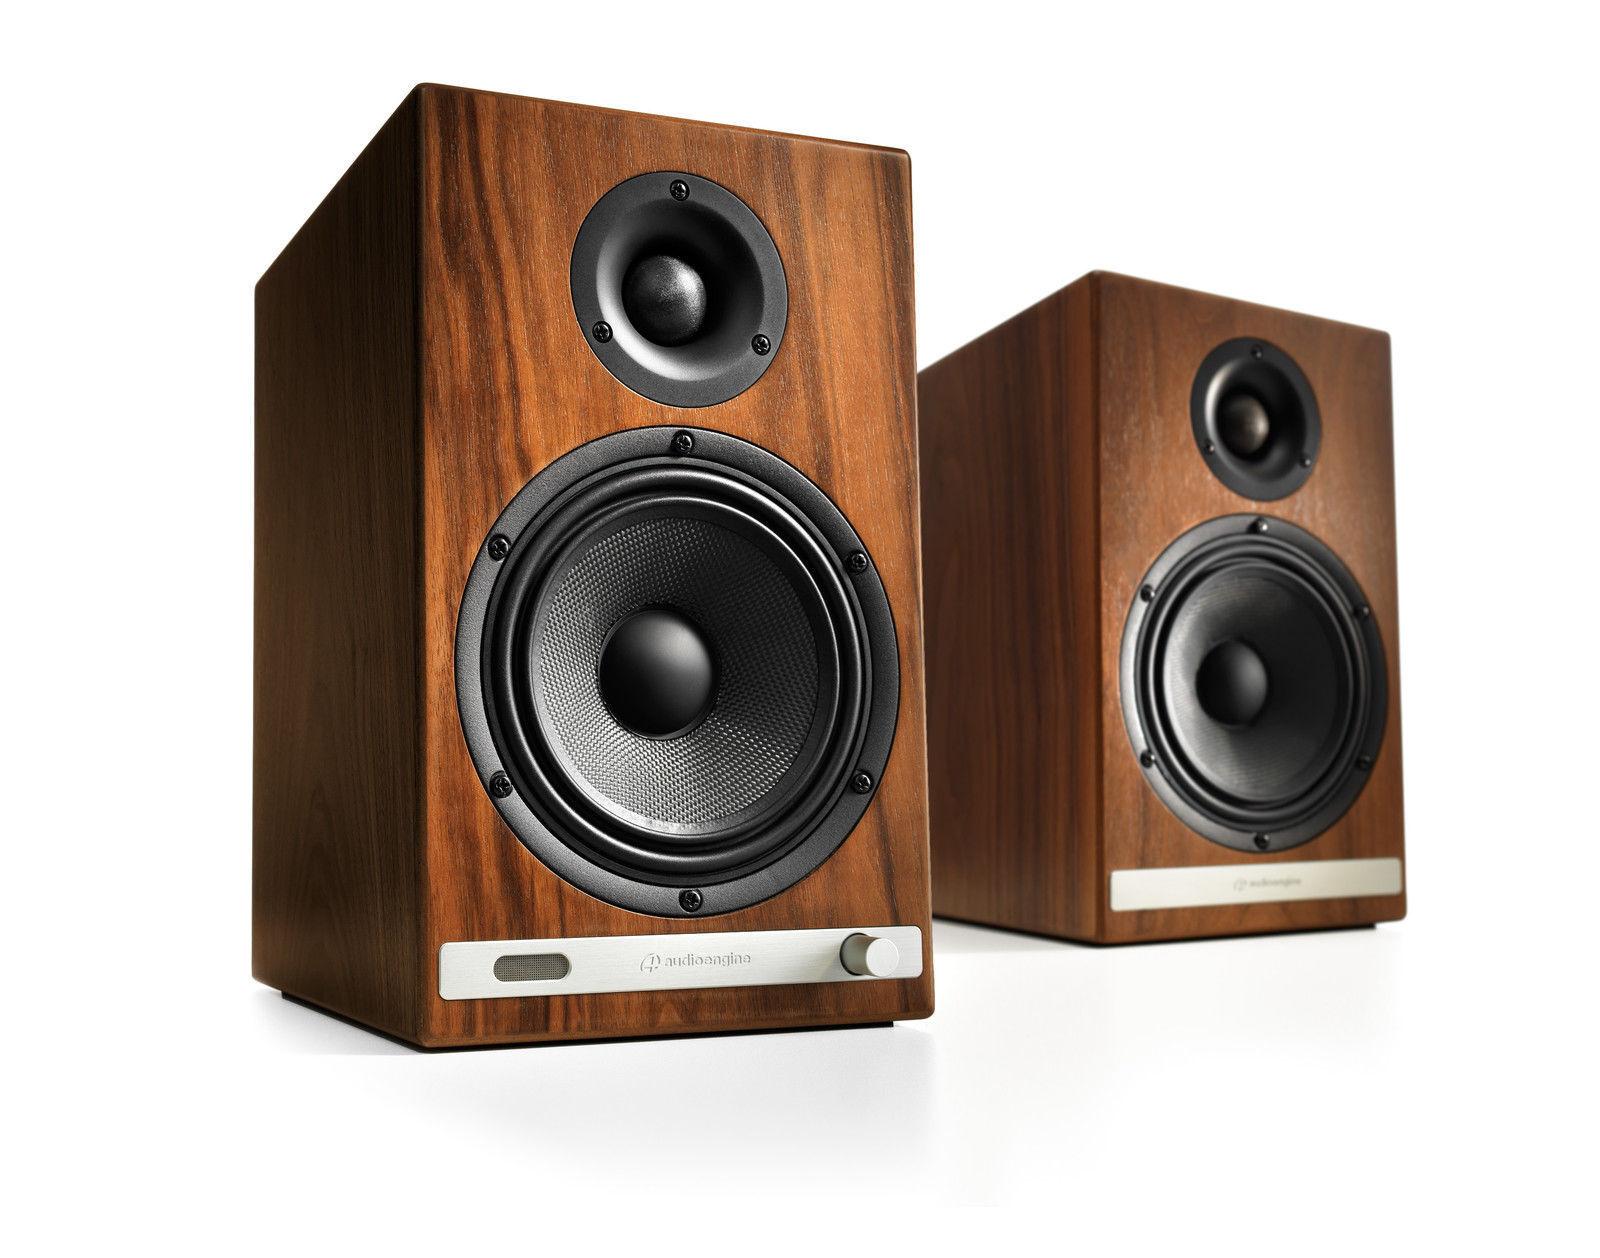 Audioengine HD6 Premium Powered Wireless Bluetooth Speakers